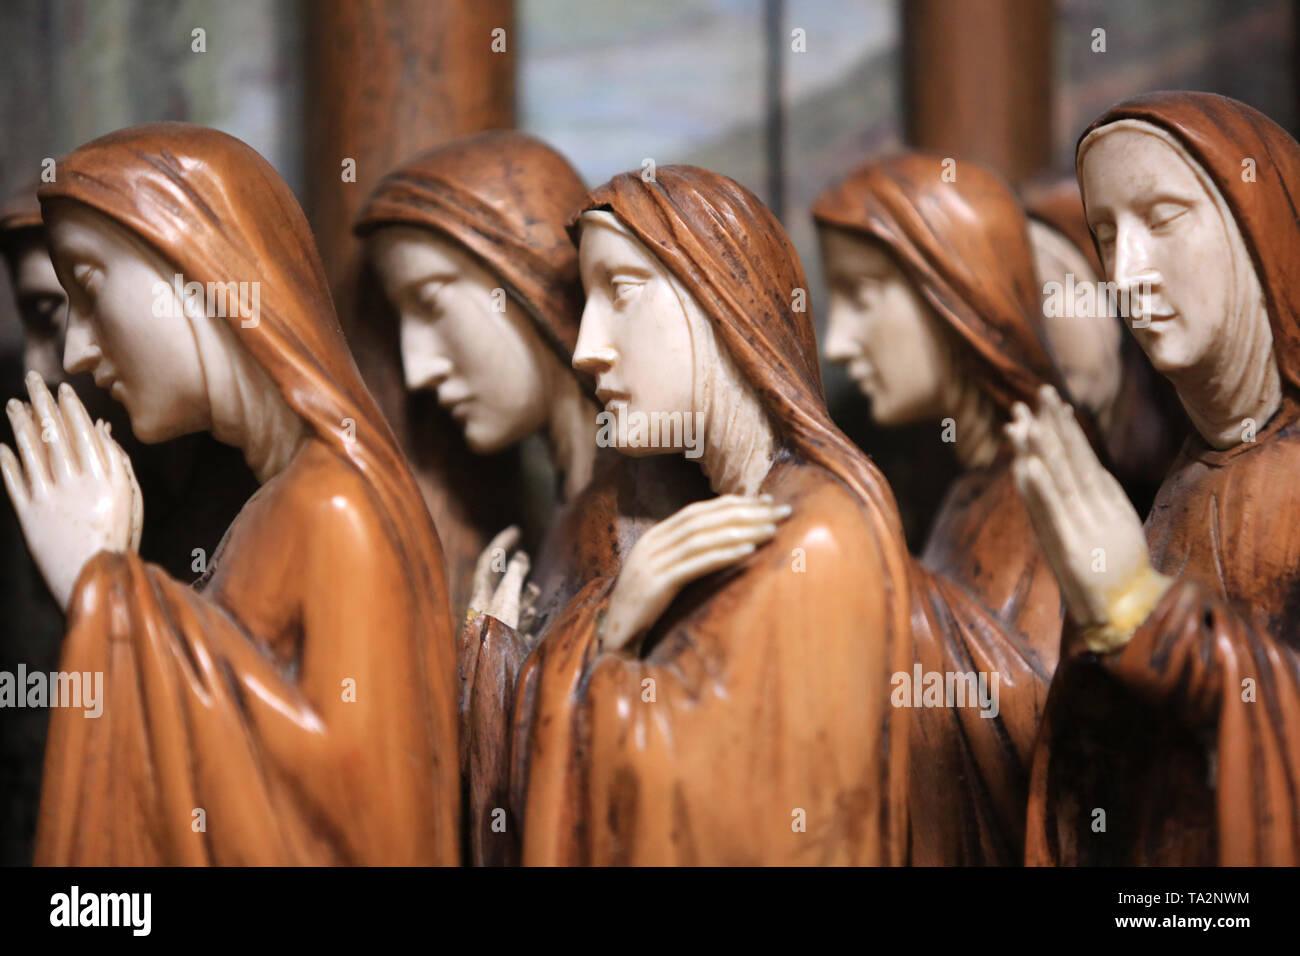 Religieuses. Eglise Cook. Saint-Cloud. Nonnen. Kirche St. Clodoald. Saint-Cloud. Stockbild